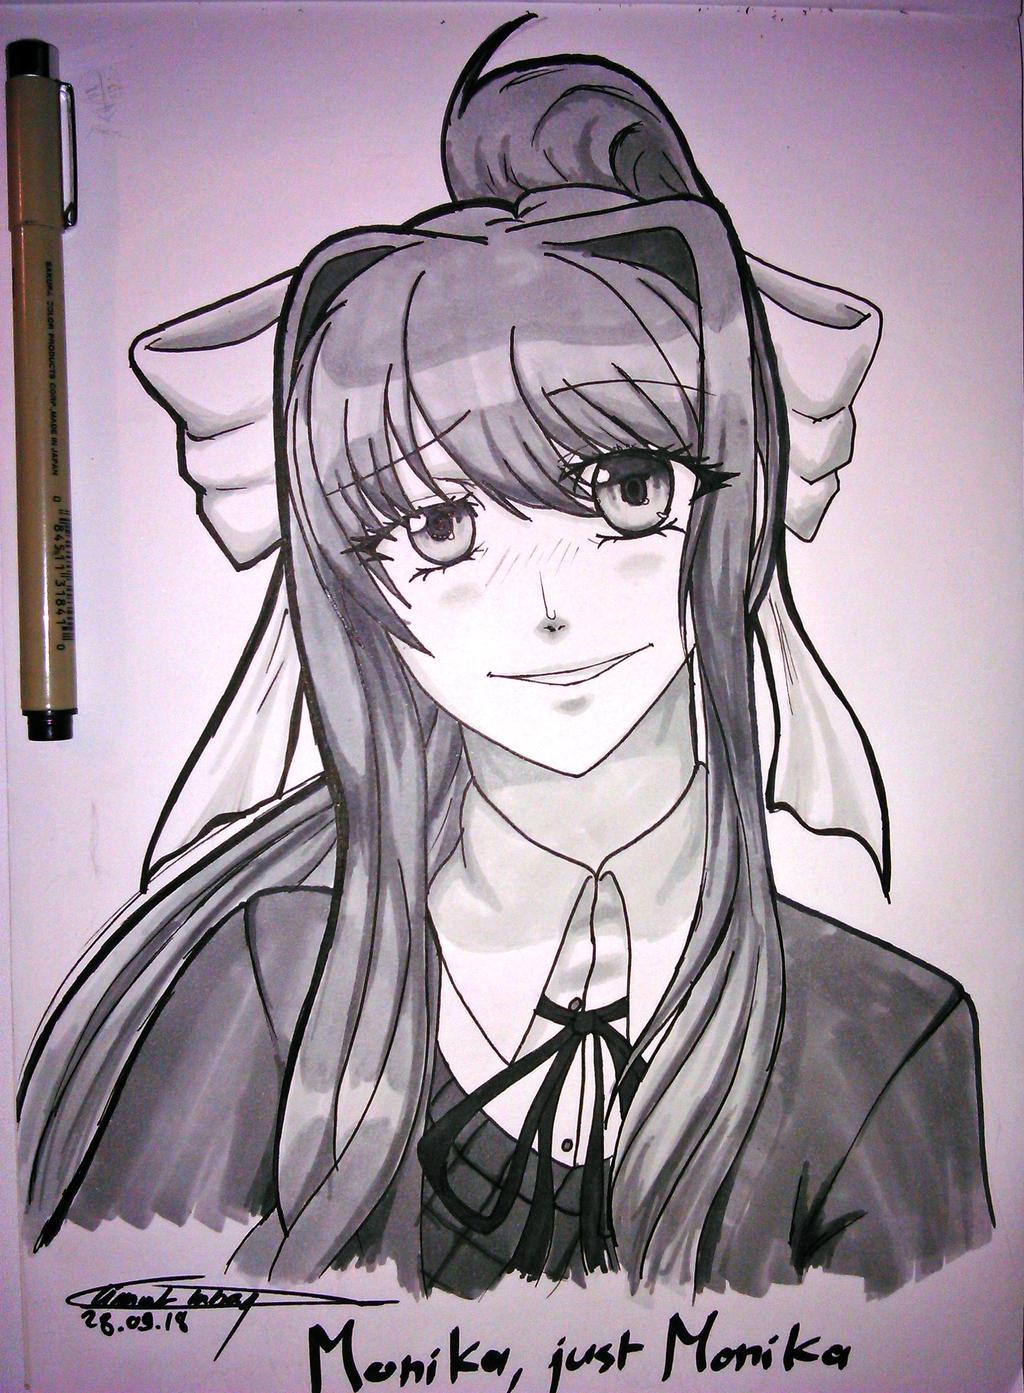 Monika, just Monika